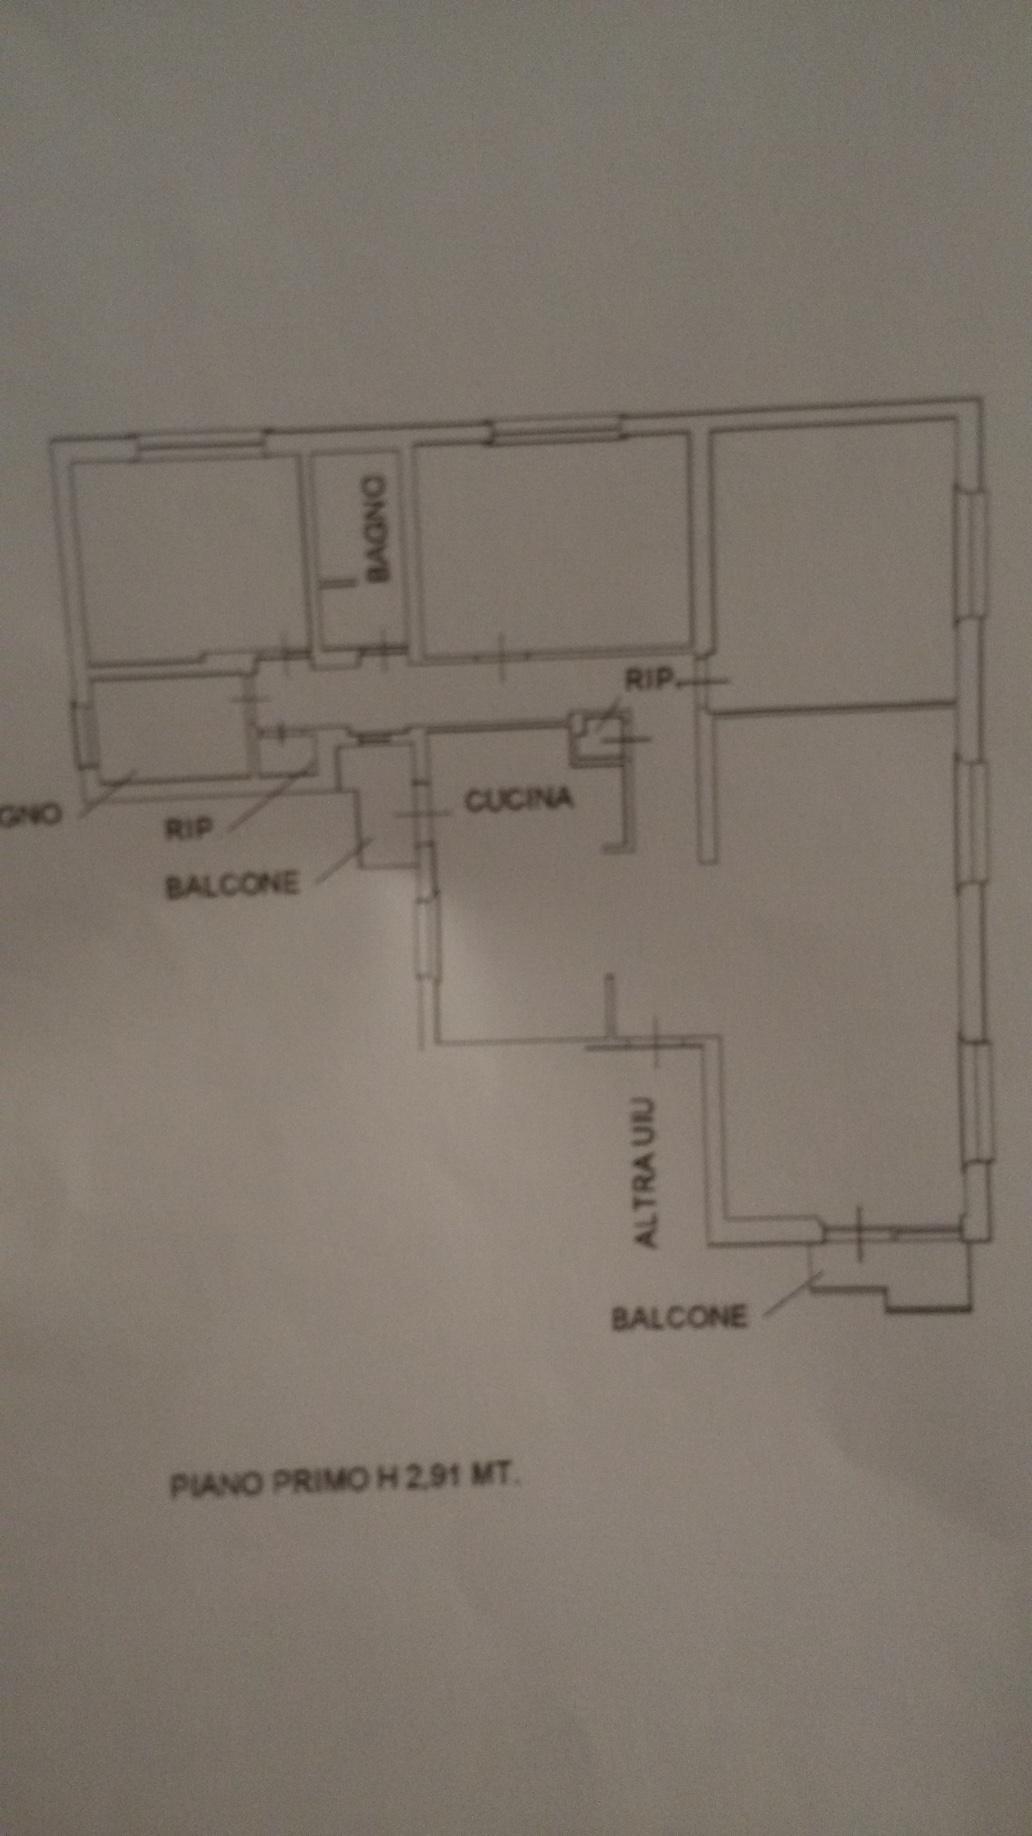 Appartamento in vendita, rif. 39/244